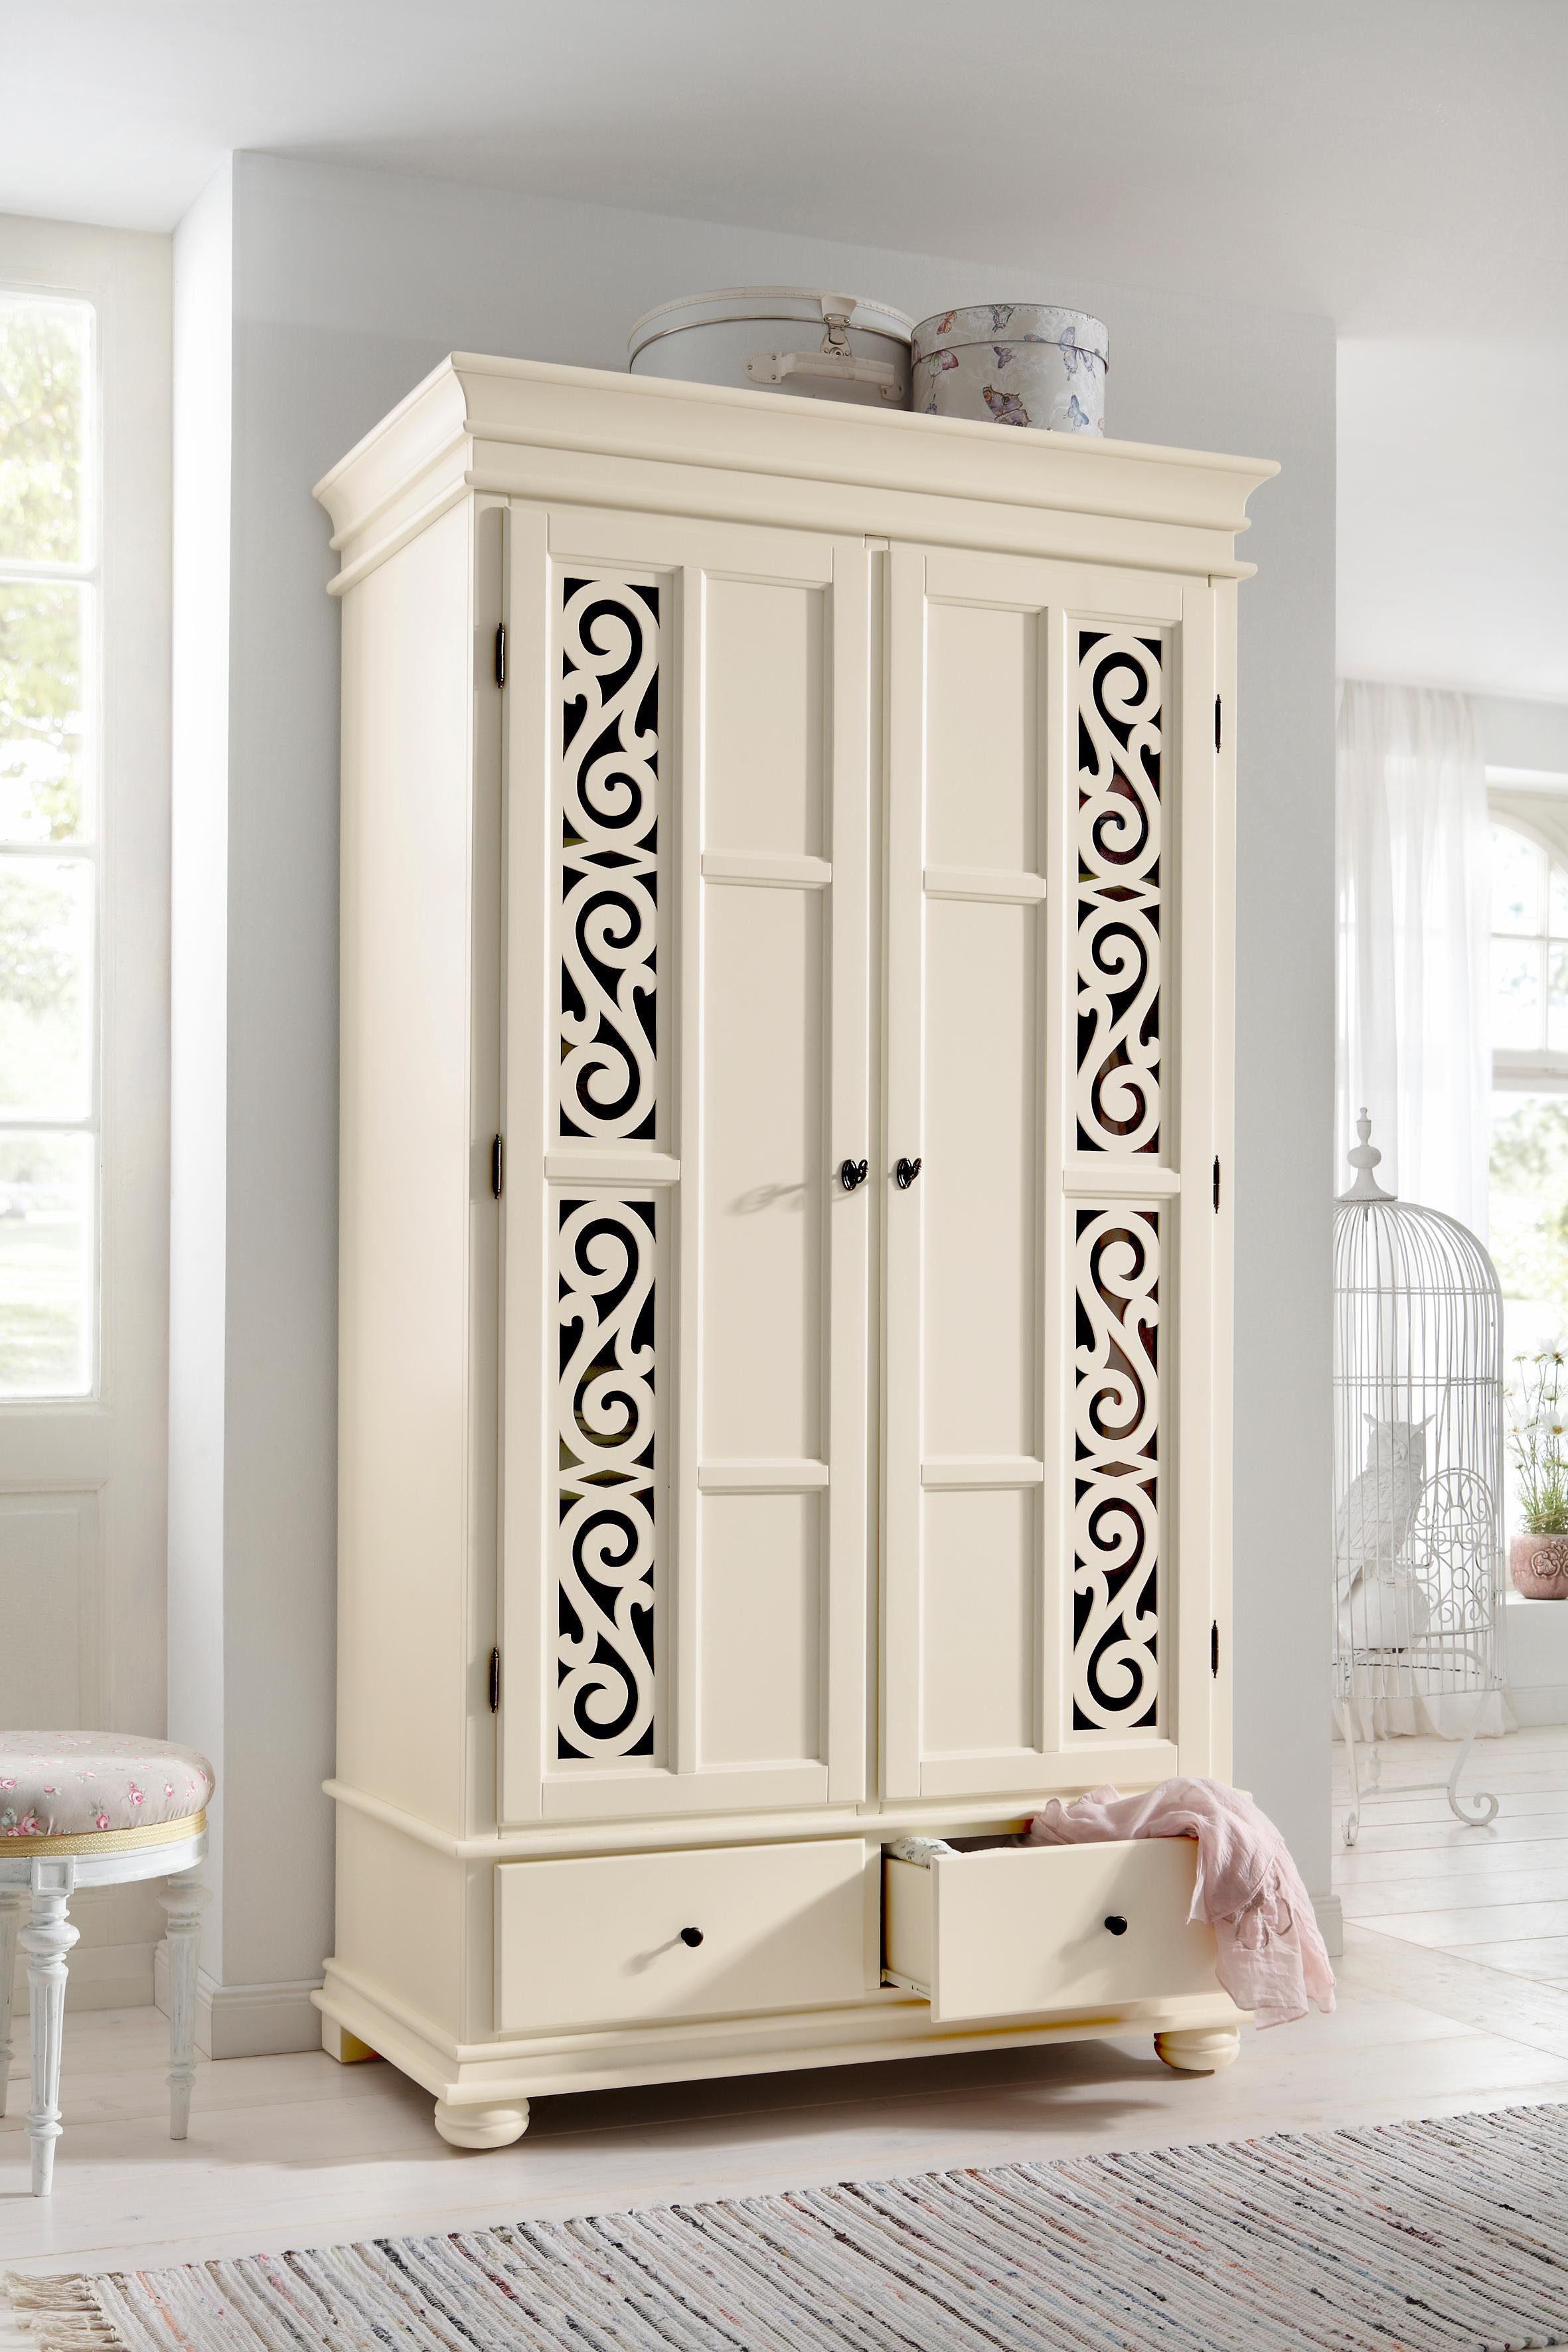 Premium collection by Home affaire Kleiderschrank Arabeske online kaufen  OTTO